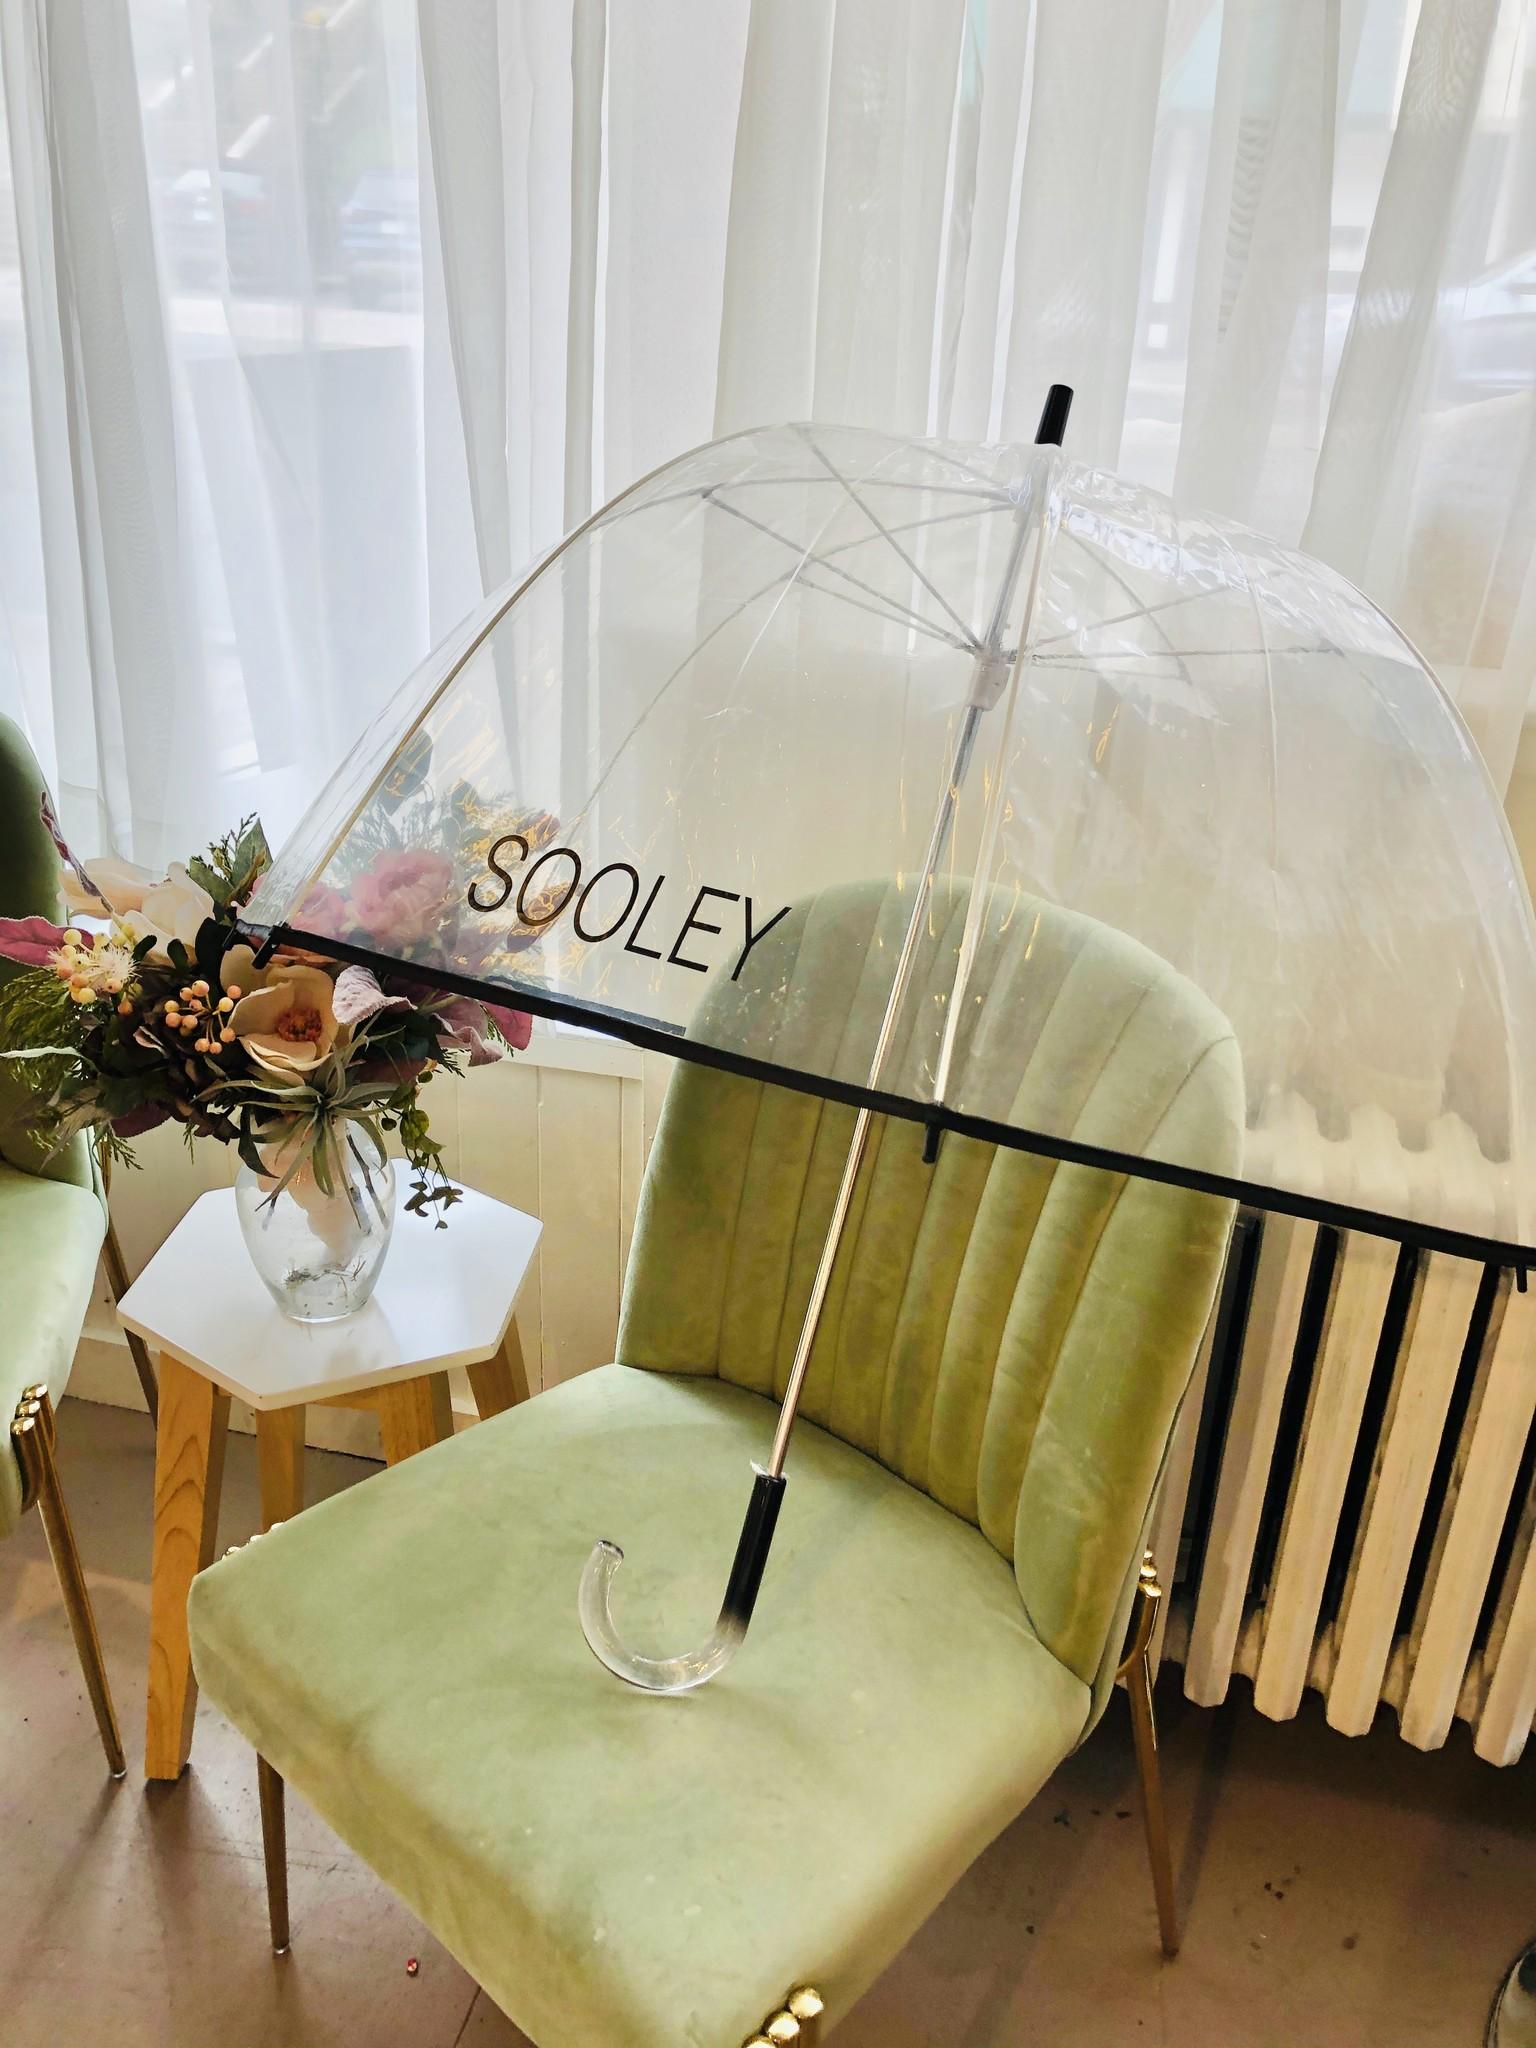 Sooley Designs Umbrella - Clear/Black